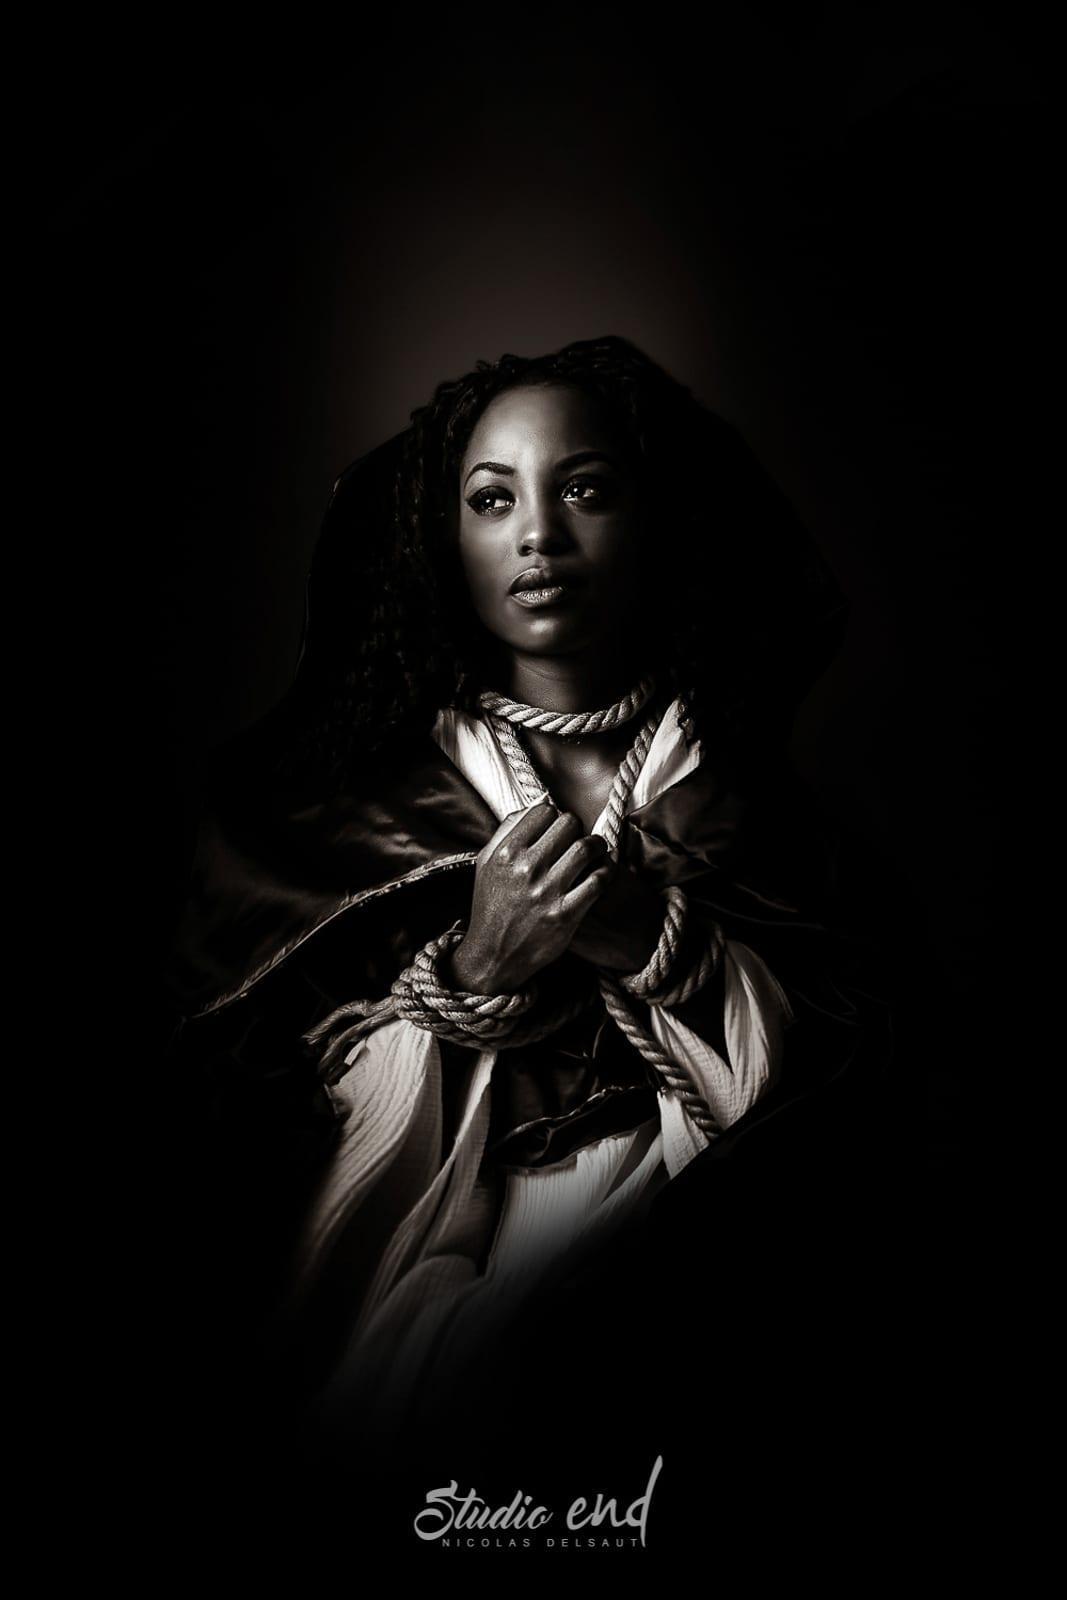 Projet artistique Afrikin, Emeline Delsaut, exposé aux Etats Unis Marianne